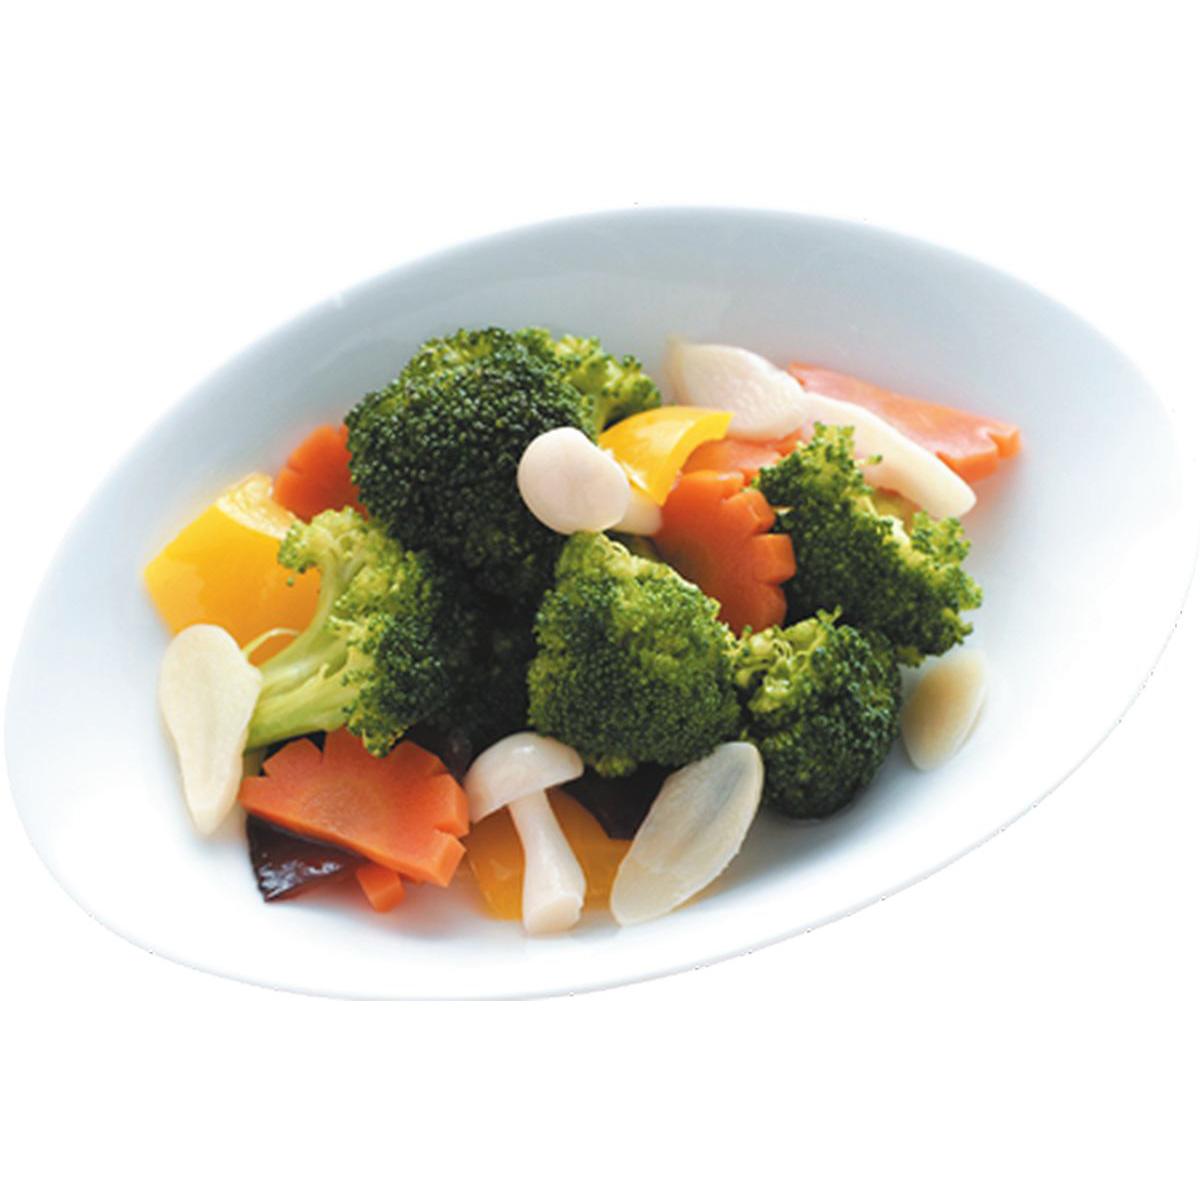 食譜:炒青花椰菜